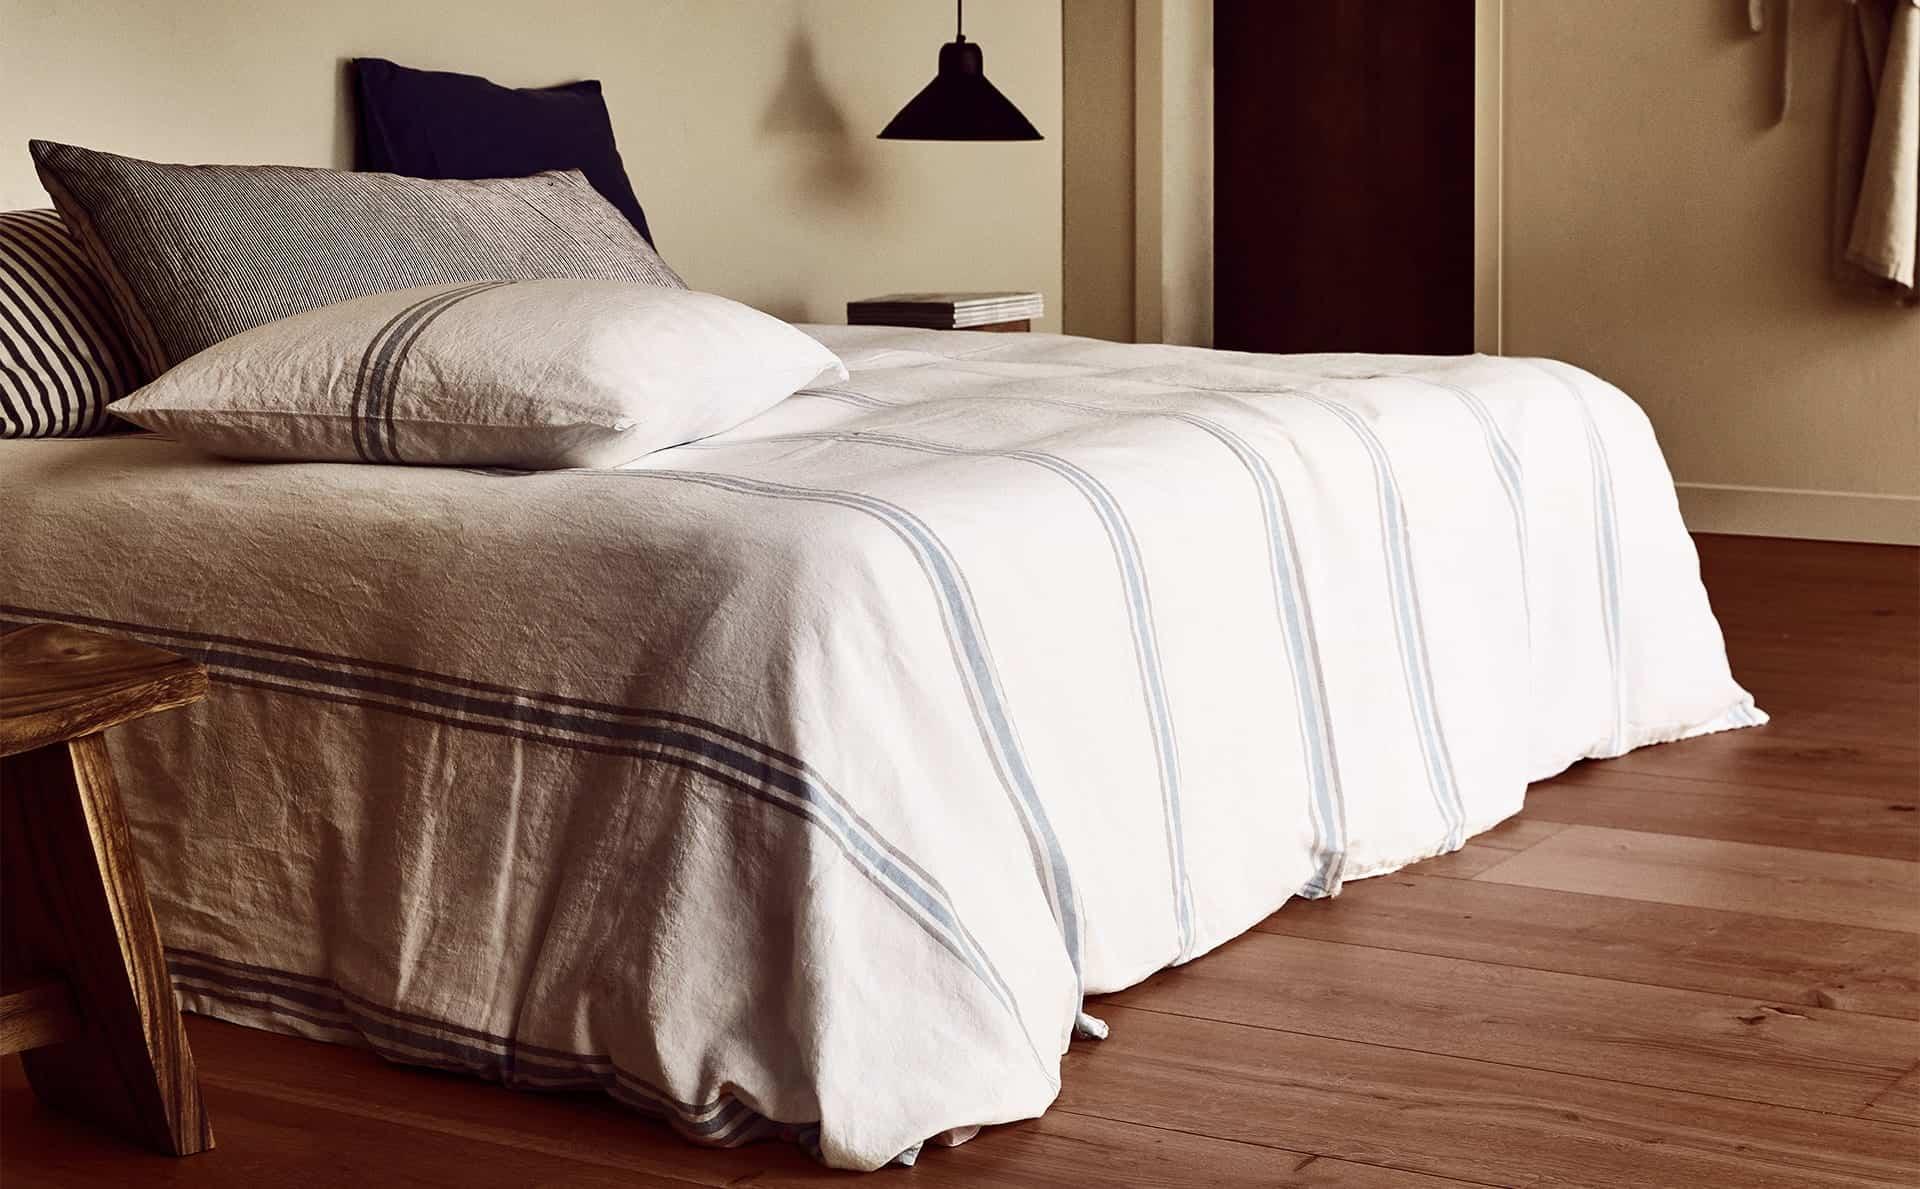 Zara Home: 7 productos para tu hogar que están de rebajas y merecen la pena